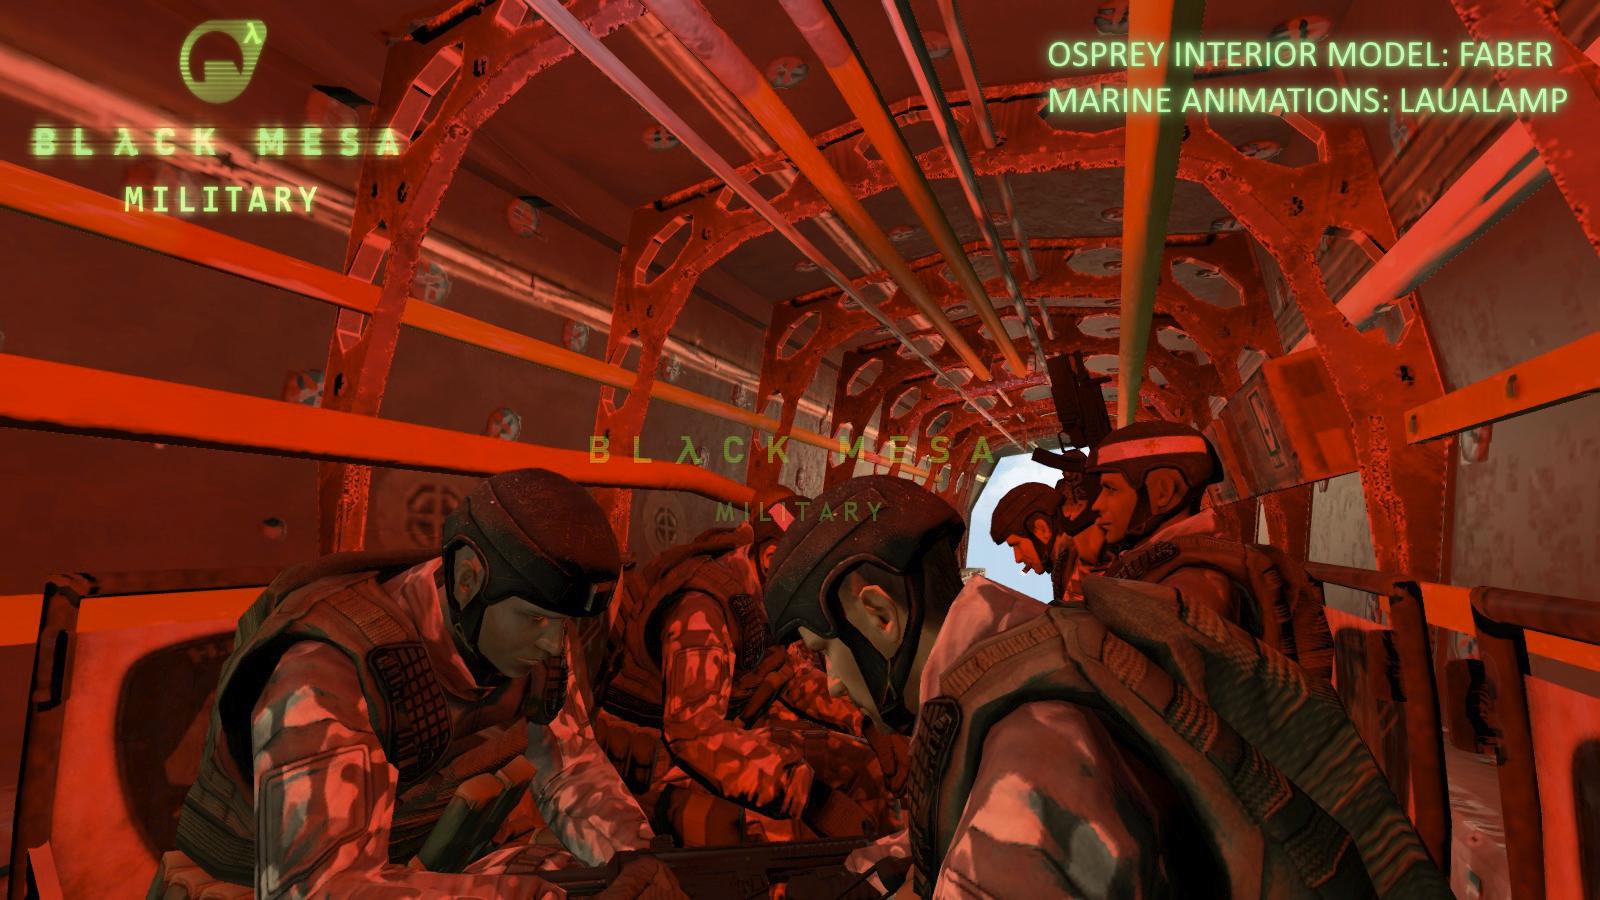 В моде Black Mesa: Military вы взглянете на события Half-Life глазами бойца спецподразделения HECU